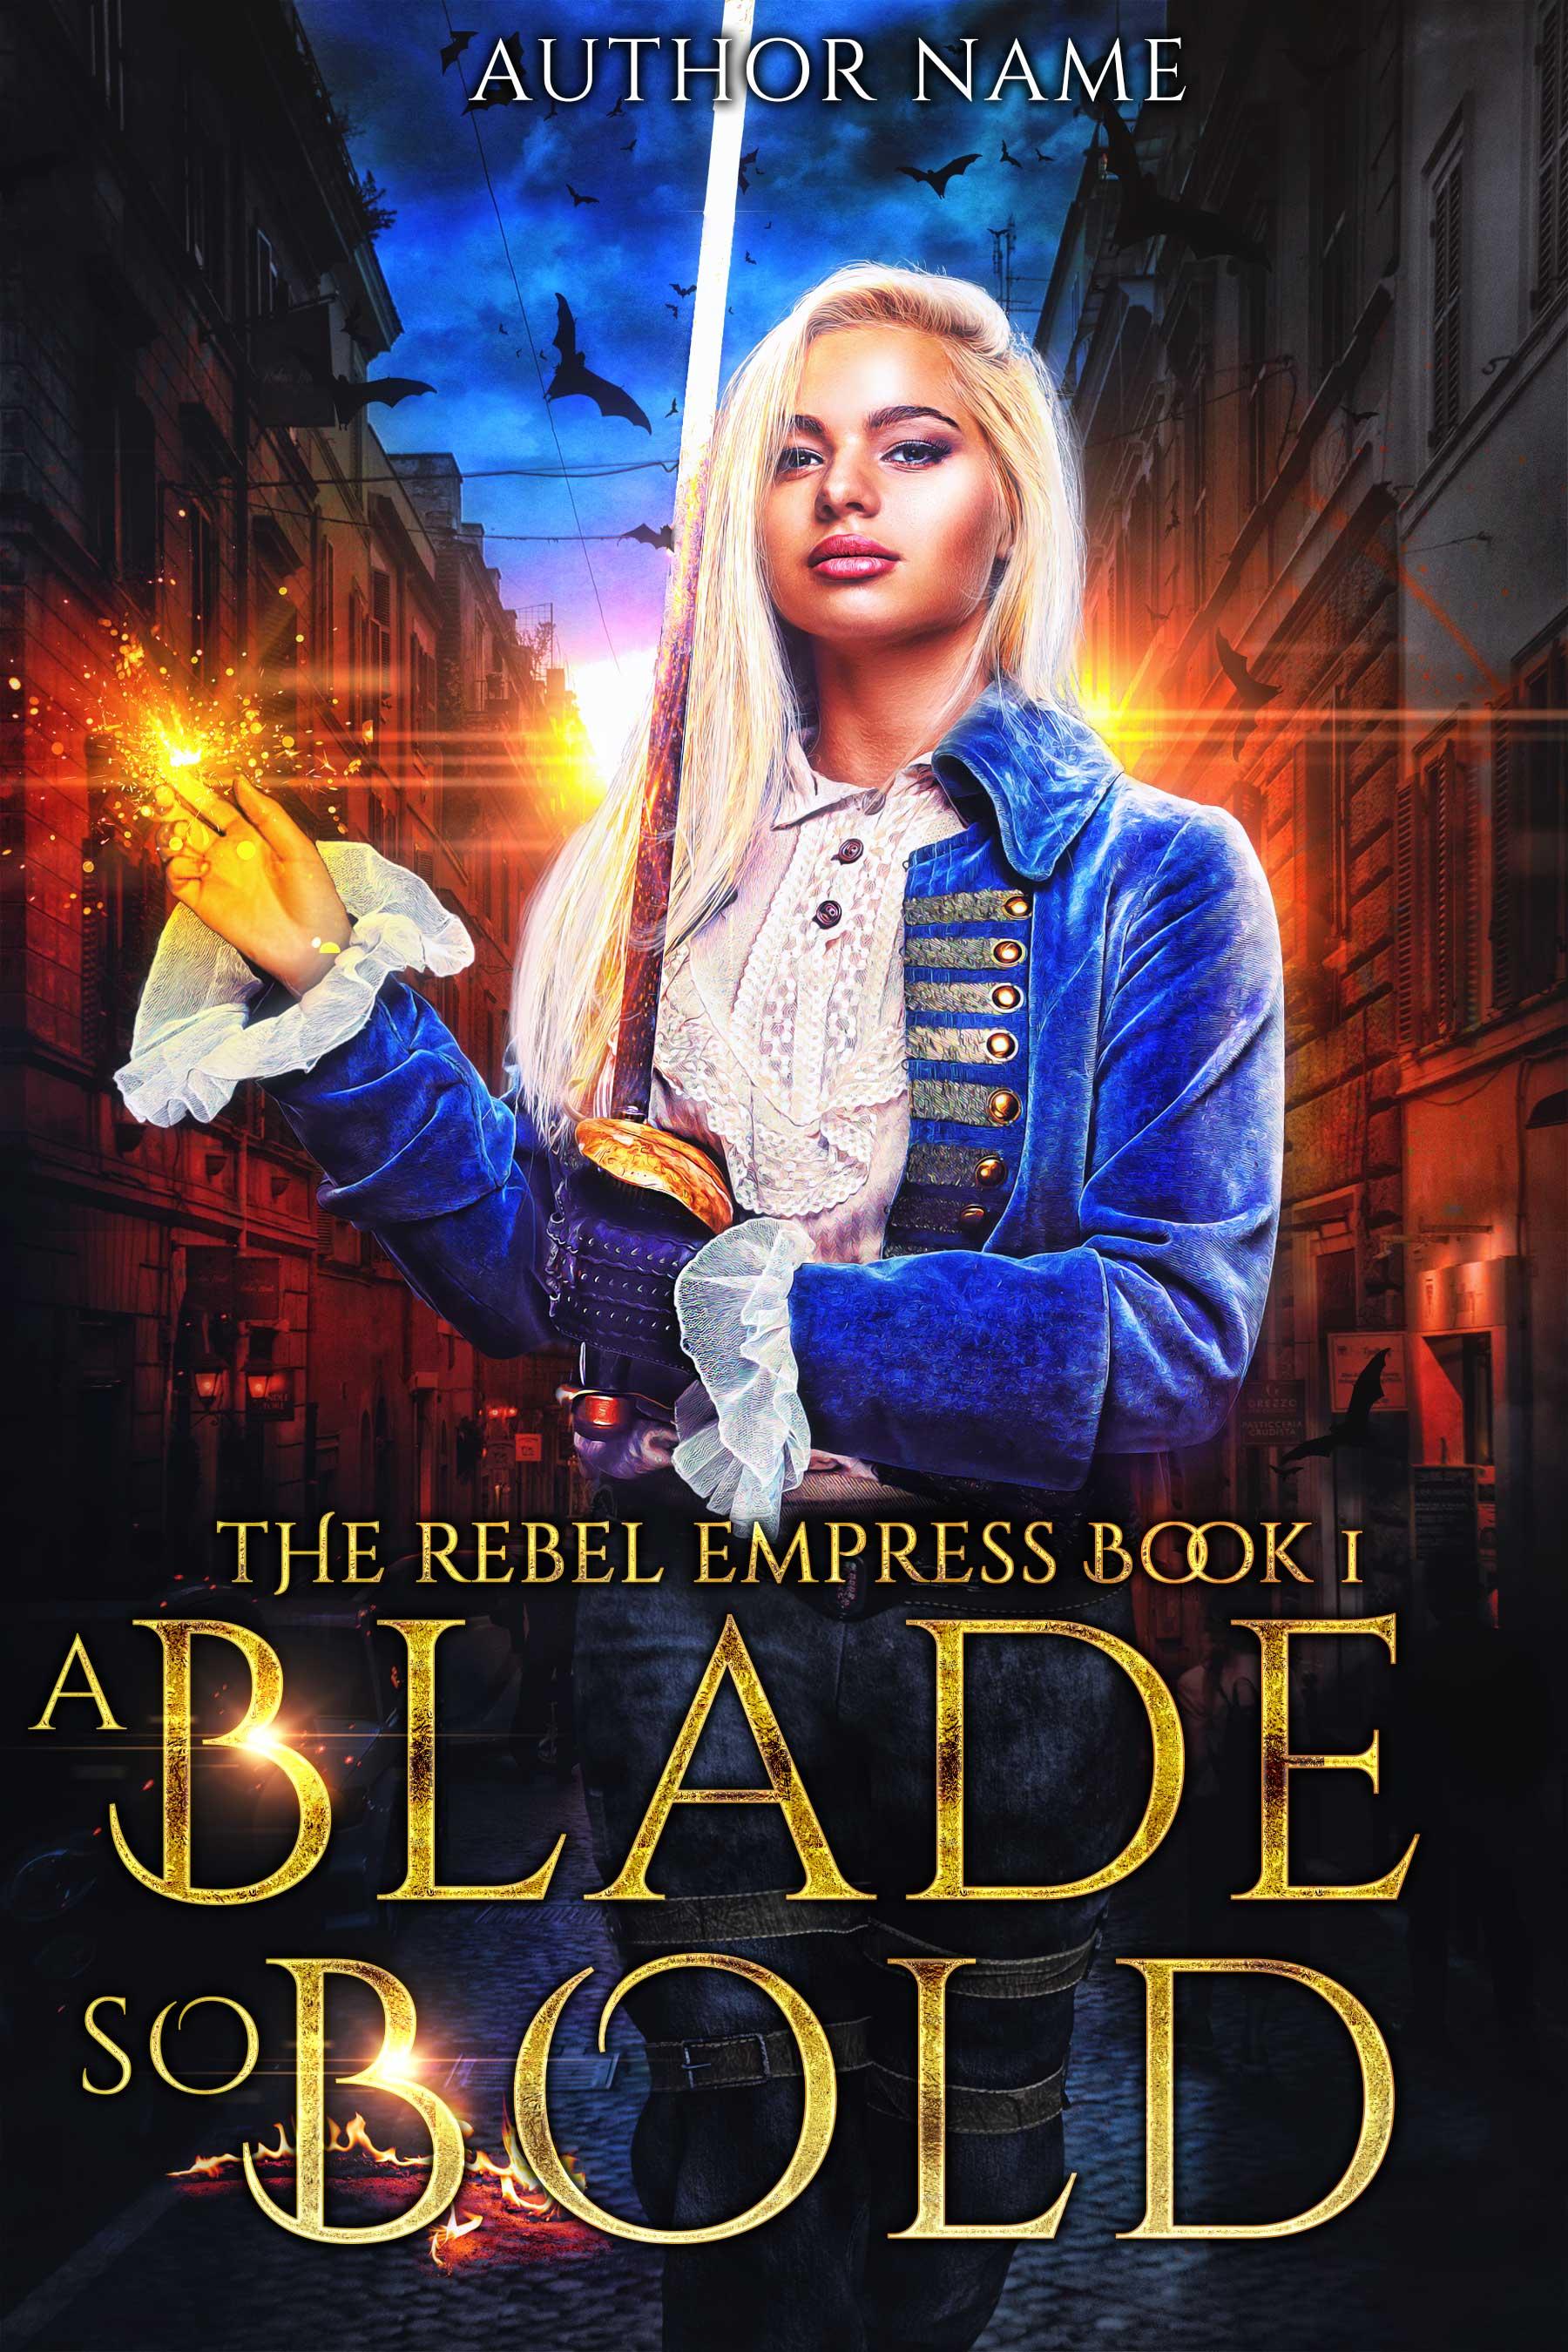 $150 - A Blade So Bold